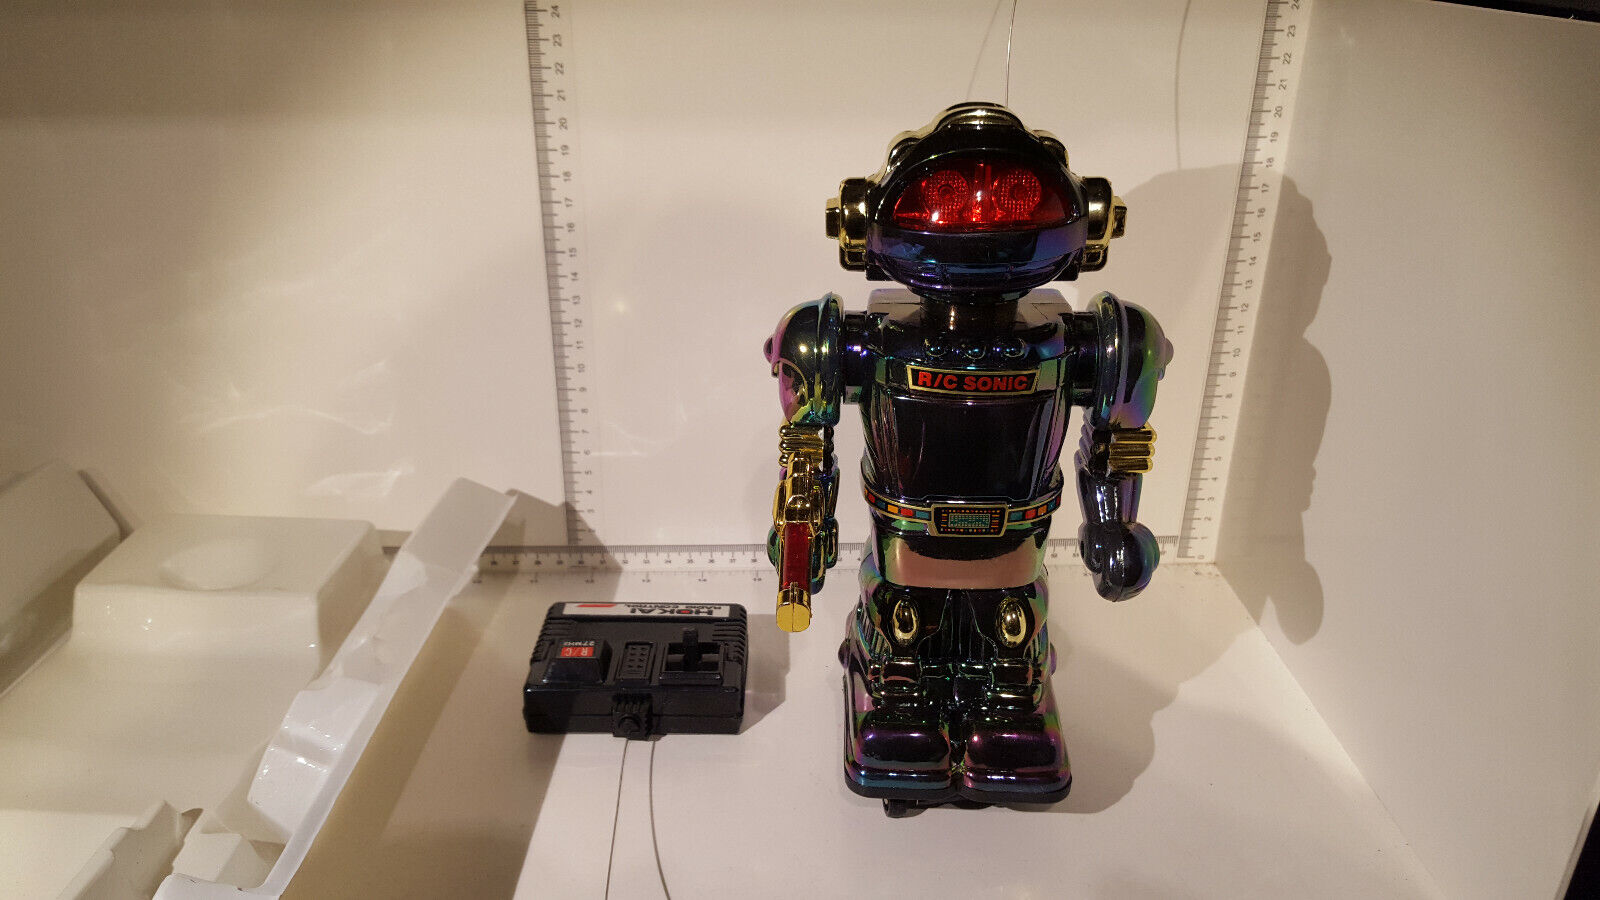 (LOTTO 318)  HO-Kai giocattoli HK-337 Sonic Vintage Radio Controllato Robot  fabbrica diretta